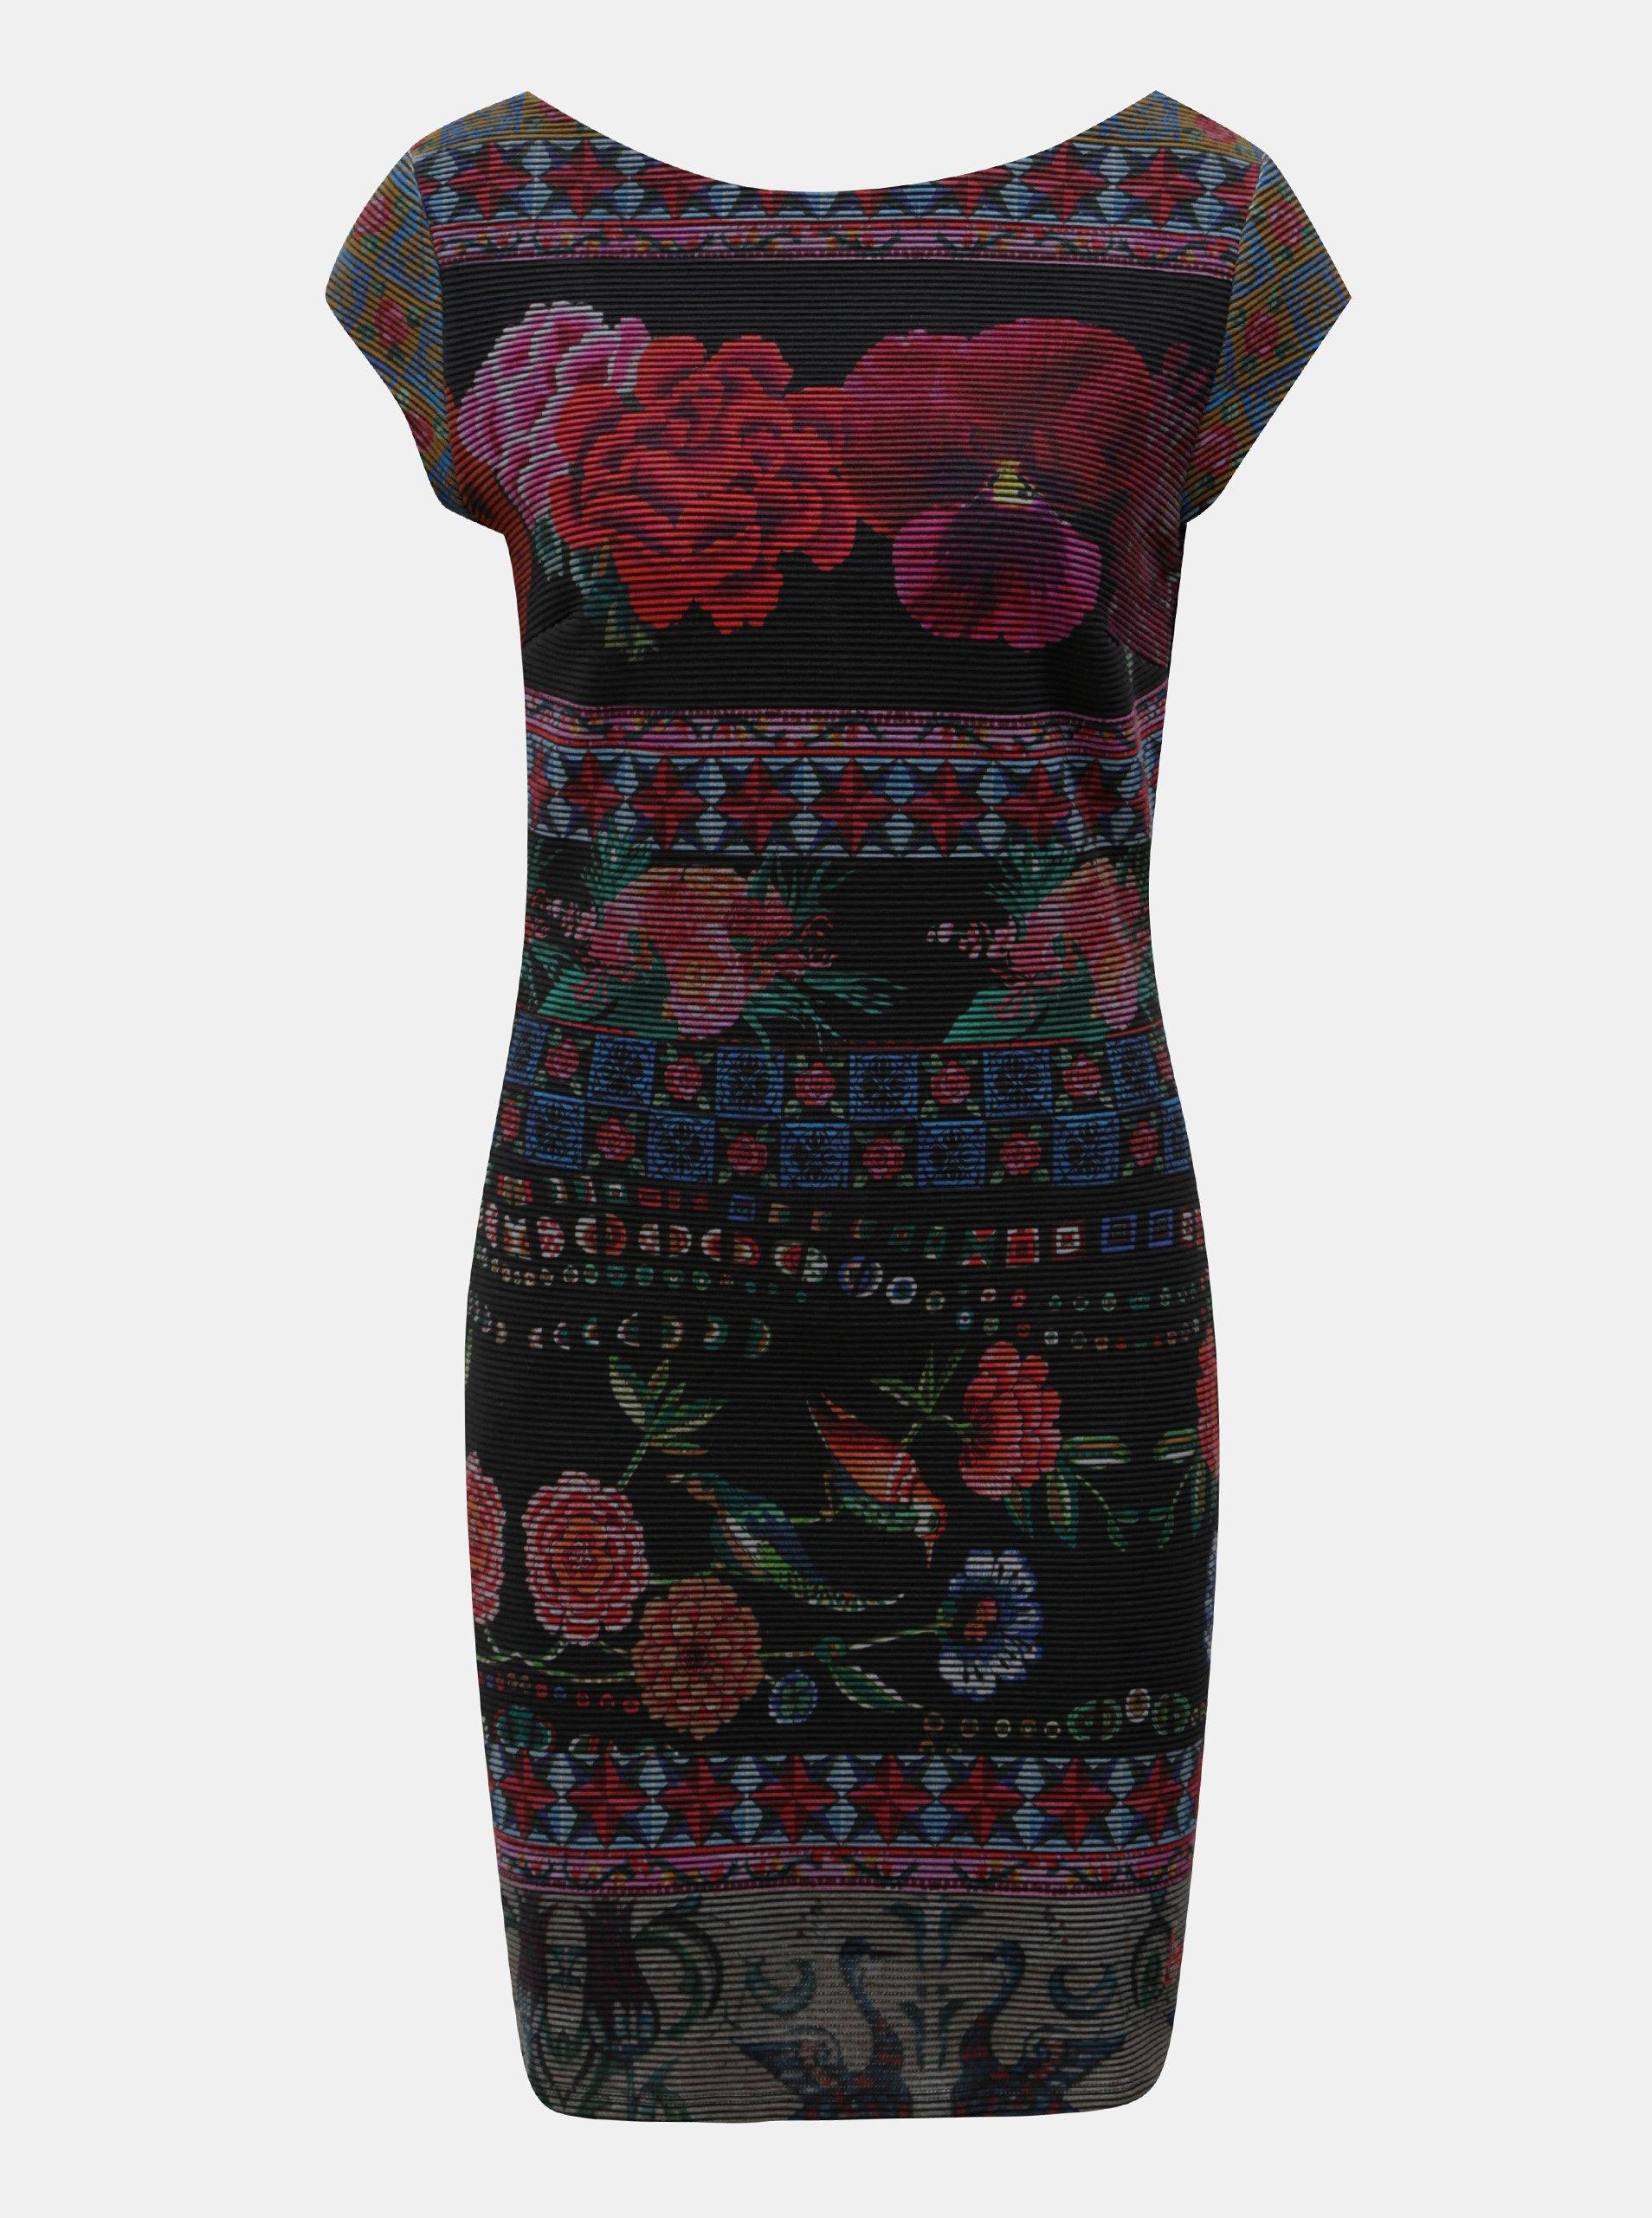 474628e628fe Vínovo-černé žebrované květované šaty Desigual